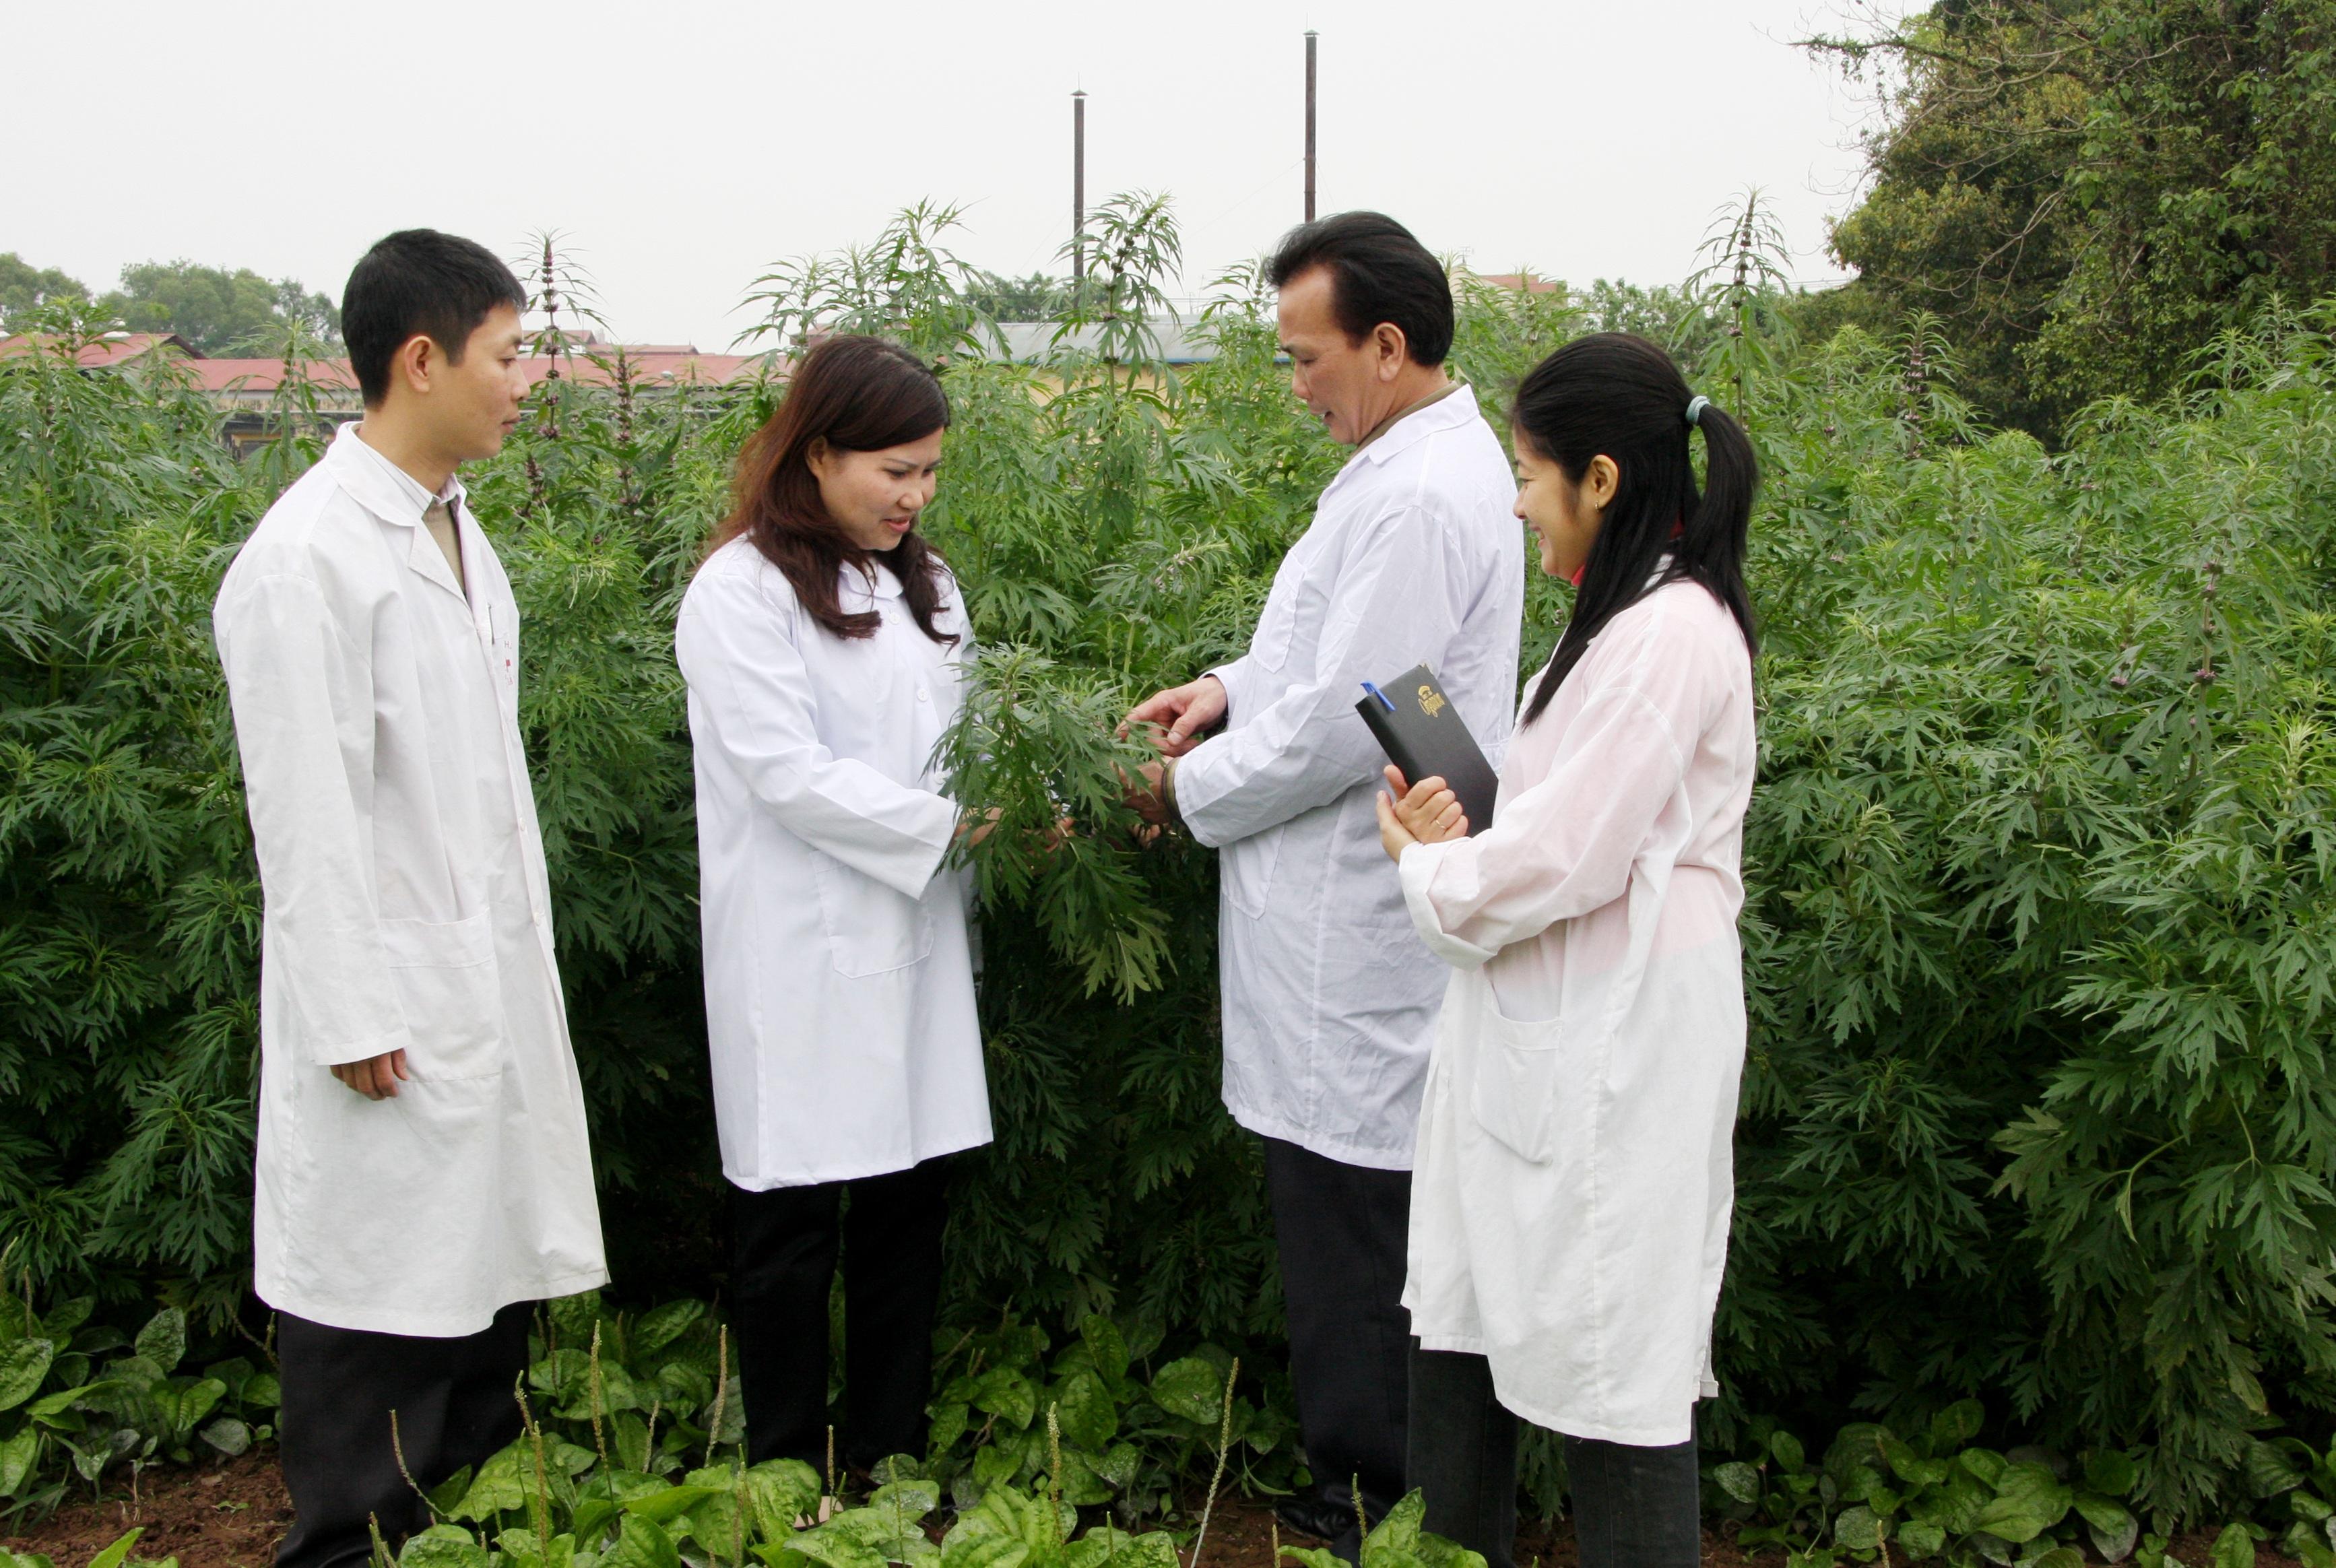 ược sĩ Lê Thị Bình trao đổi với Thạc sĩ Ngô Quốc Luật - Giám đốc Trung tâm Nghiên cứu trồng và chế biến cây thuốc - Viện Dược liệu.